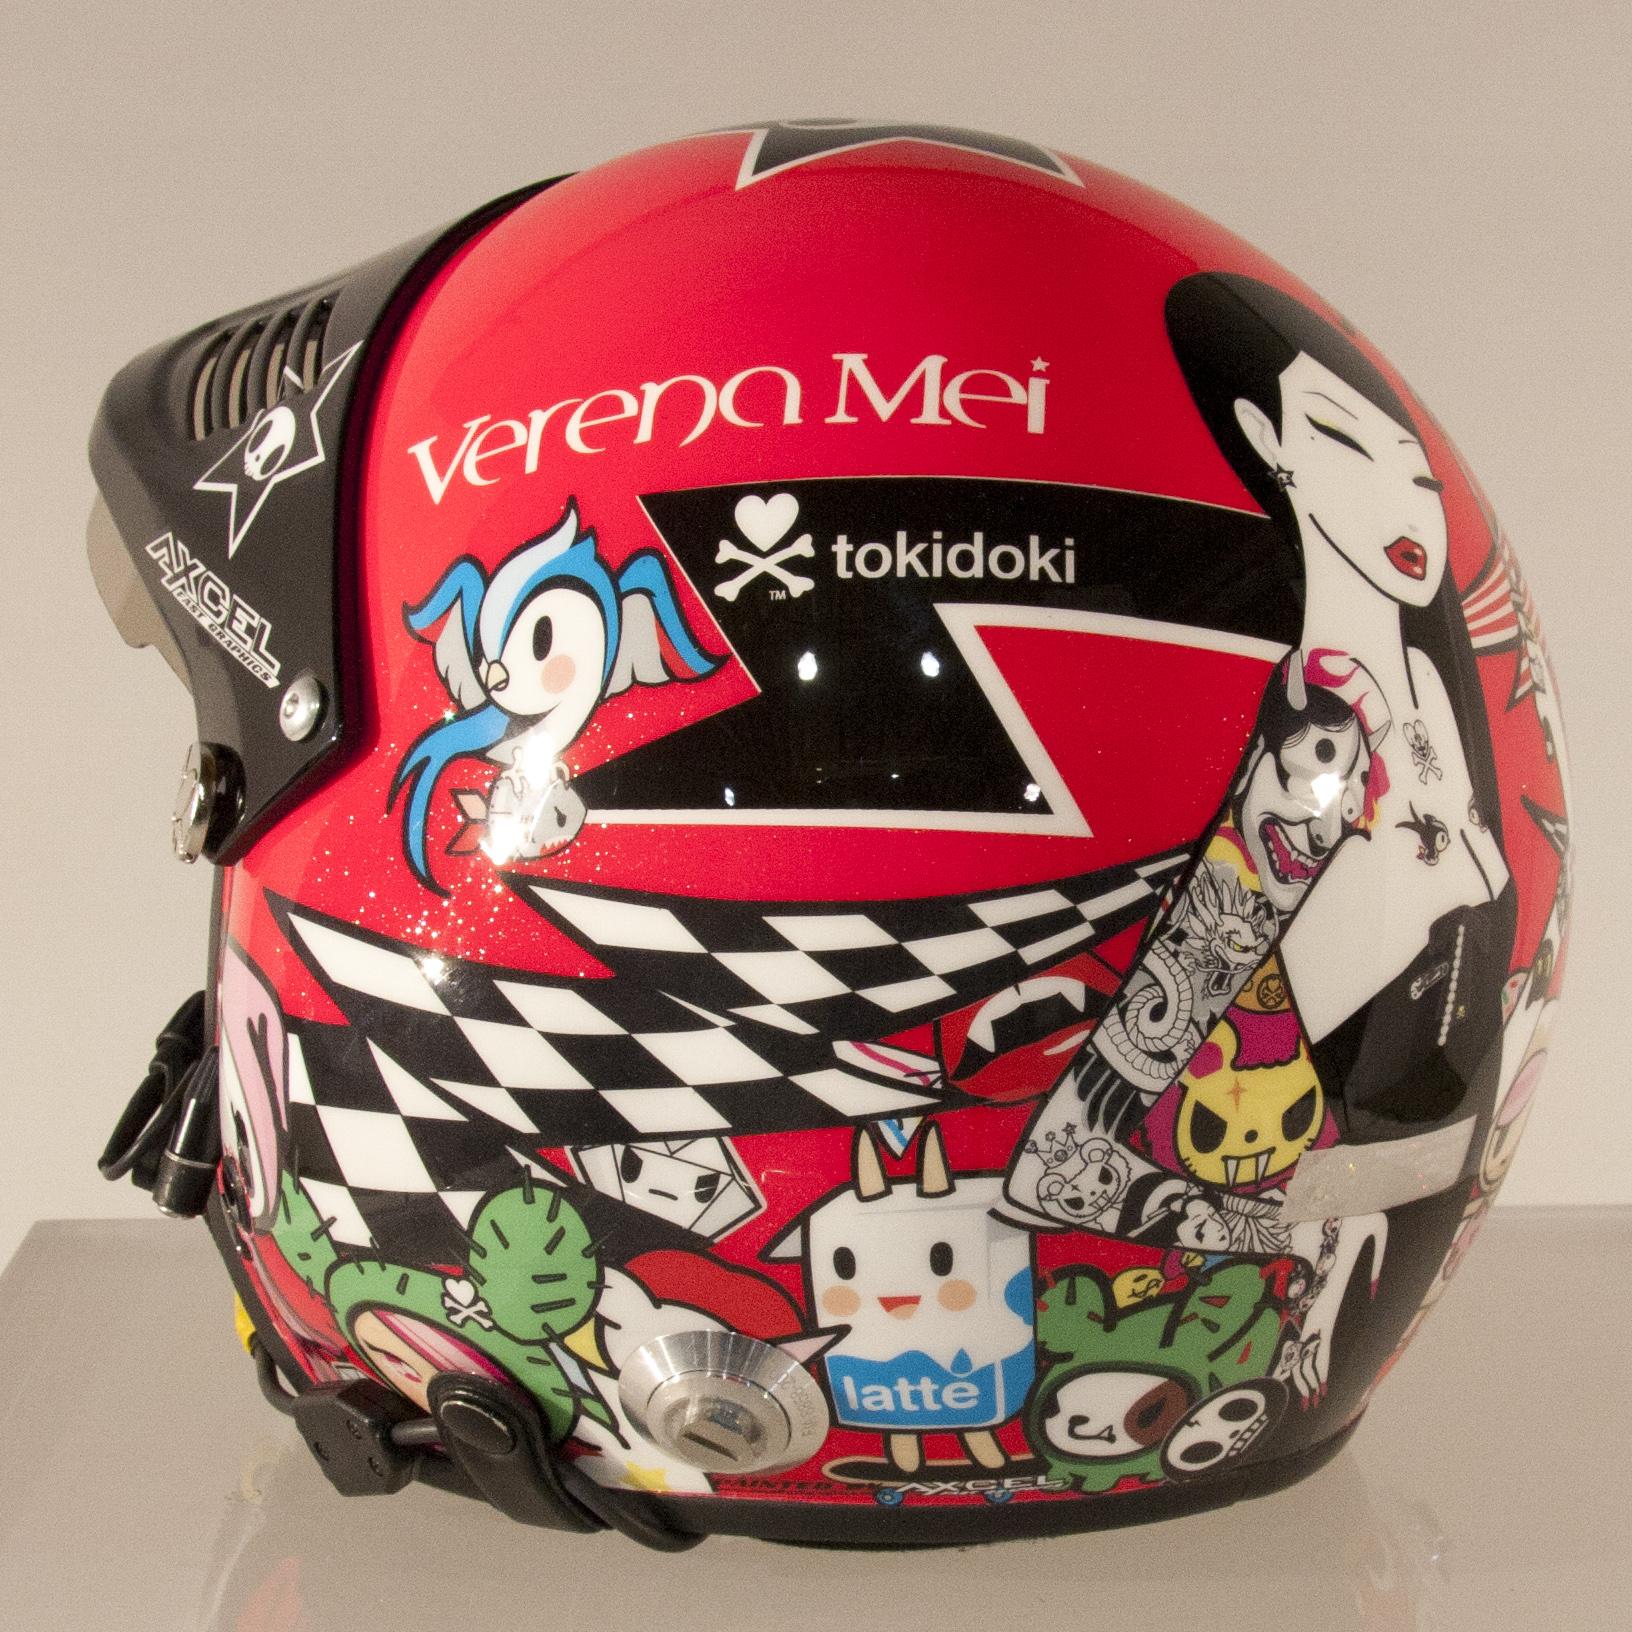 tokidoki helmet left